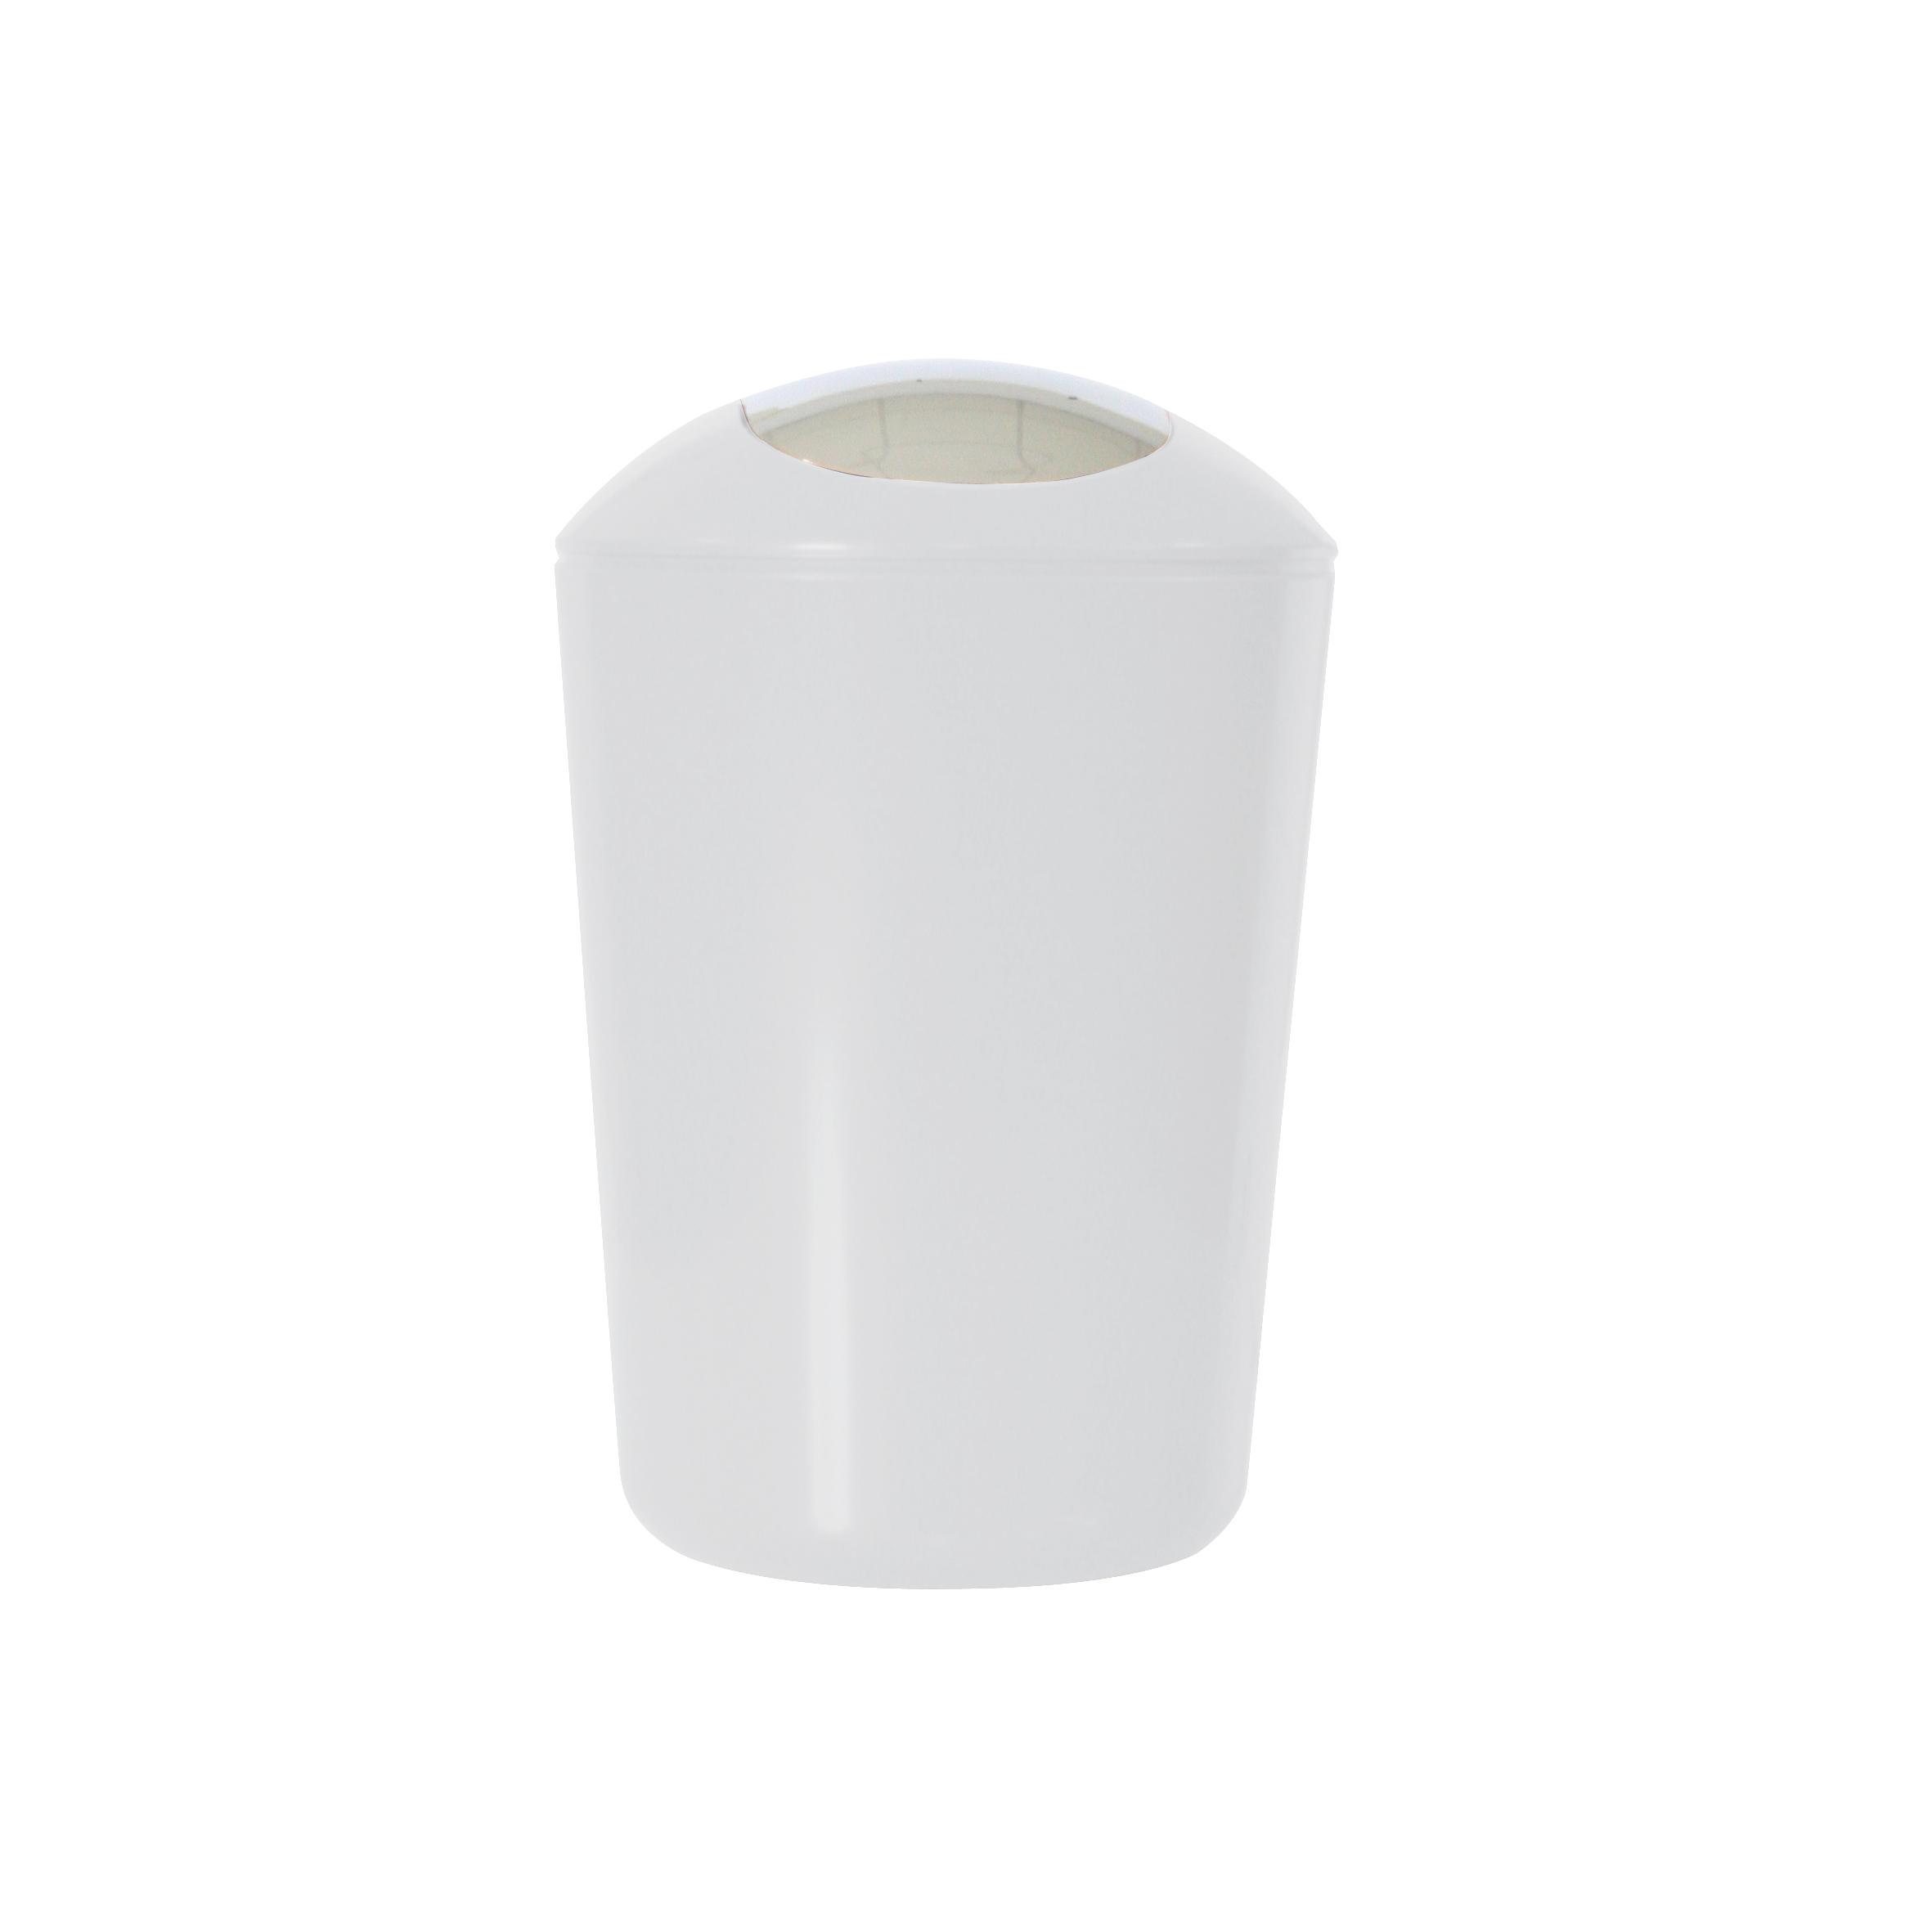 Ведро для мусора Axentia, с крышкой, цвет: белый, хром, 5 лS03201005Глянцевое ведро для мусора Axentia, выполненное из высококачественного износостойкого пластика, оснащено хромированную крышку типа качели. Подходит для использования в ванной комнате или на кухне. Стильный дизайн и яркая расцветка прекрасно подойдет для любого интерьера ванной комнаты или кухни. Размер ведра: 20 х 20 х 30 см.Объем ведра: 5 л.